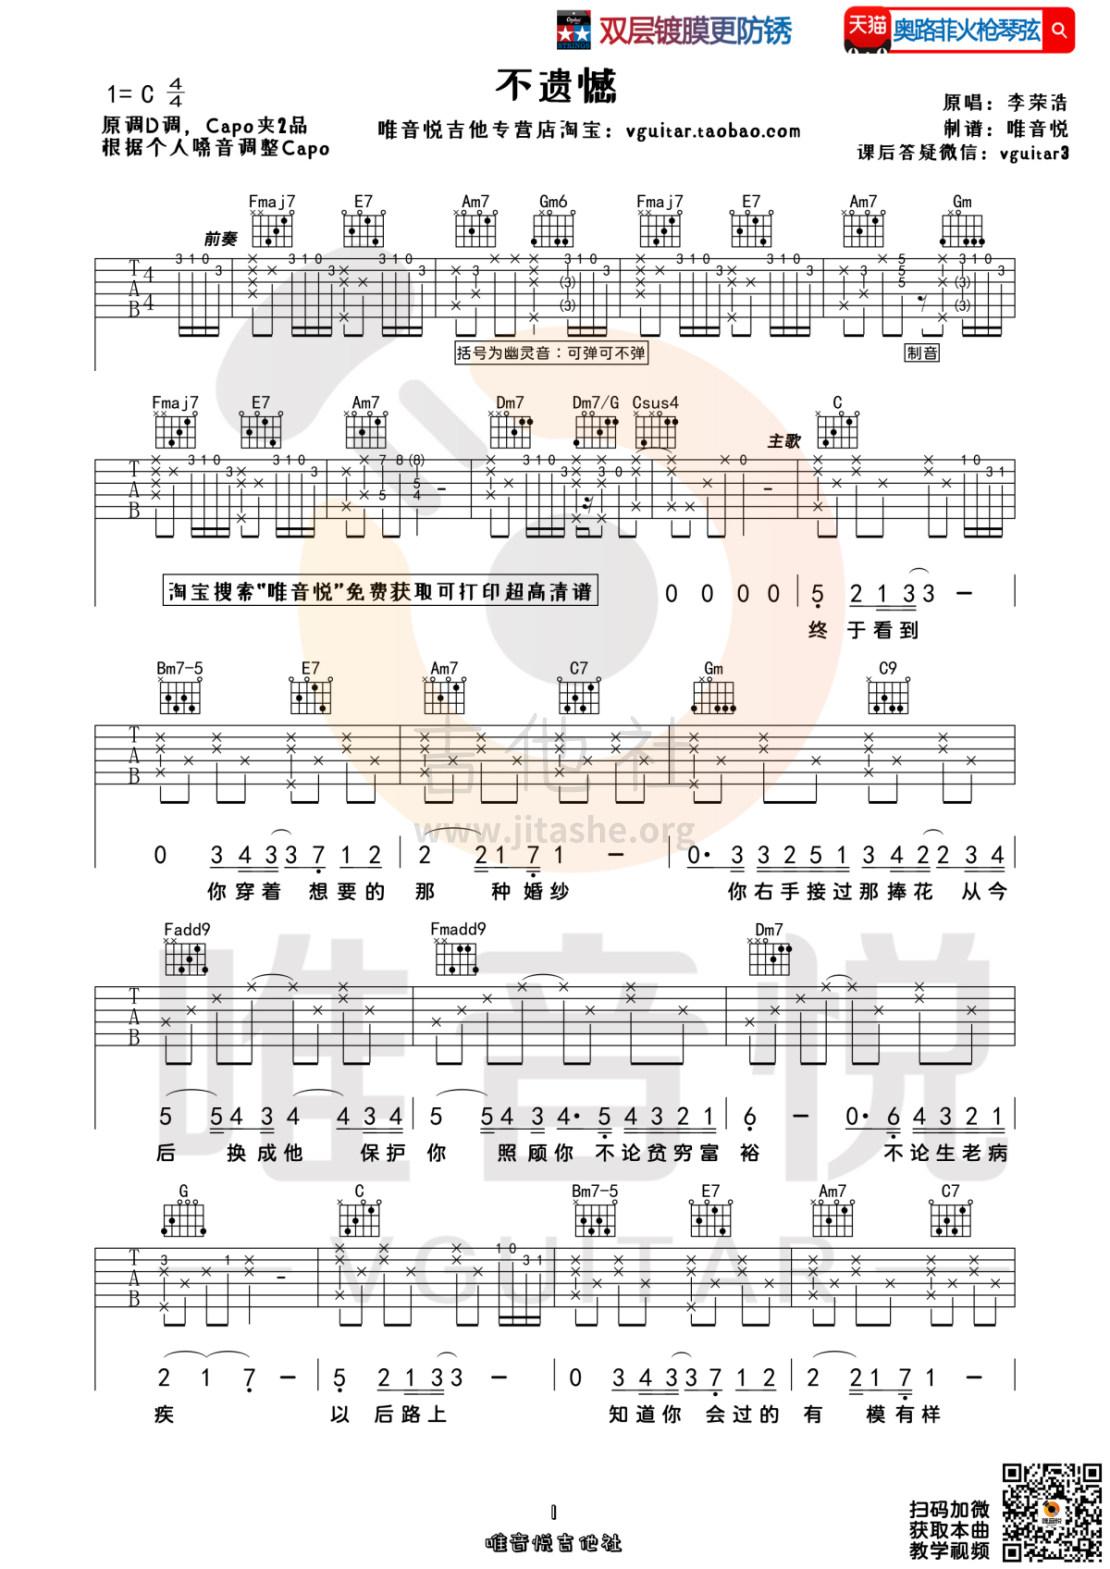 不遗憾 (原版吉他谱 唯音悦制谱)吉他谱(图片谱,李荣华,不遗憾,原版吉他谱)_李荣浩_不遗憾01.jpg